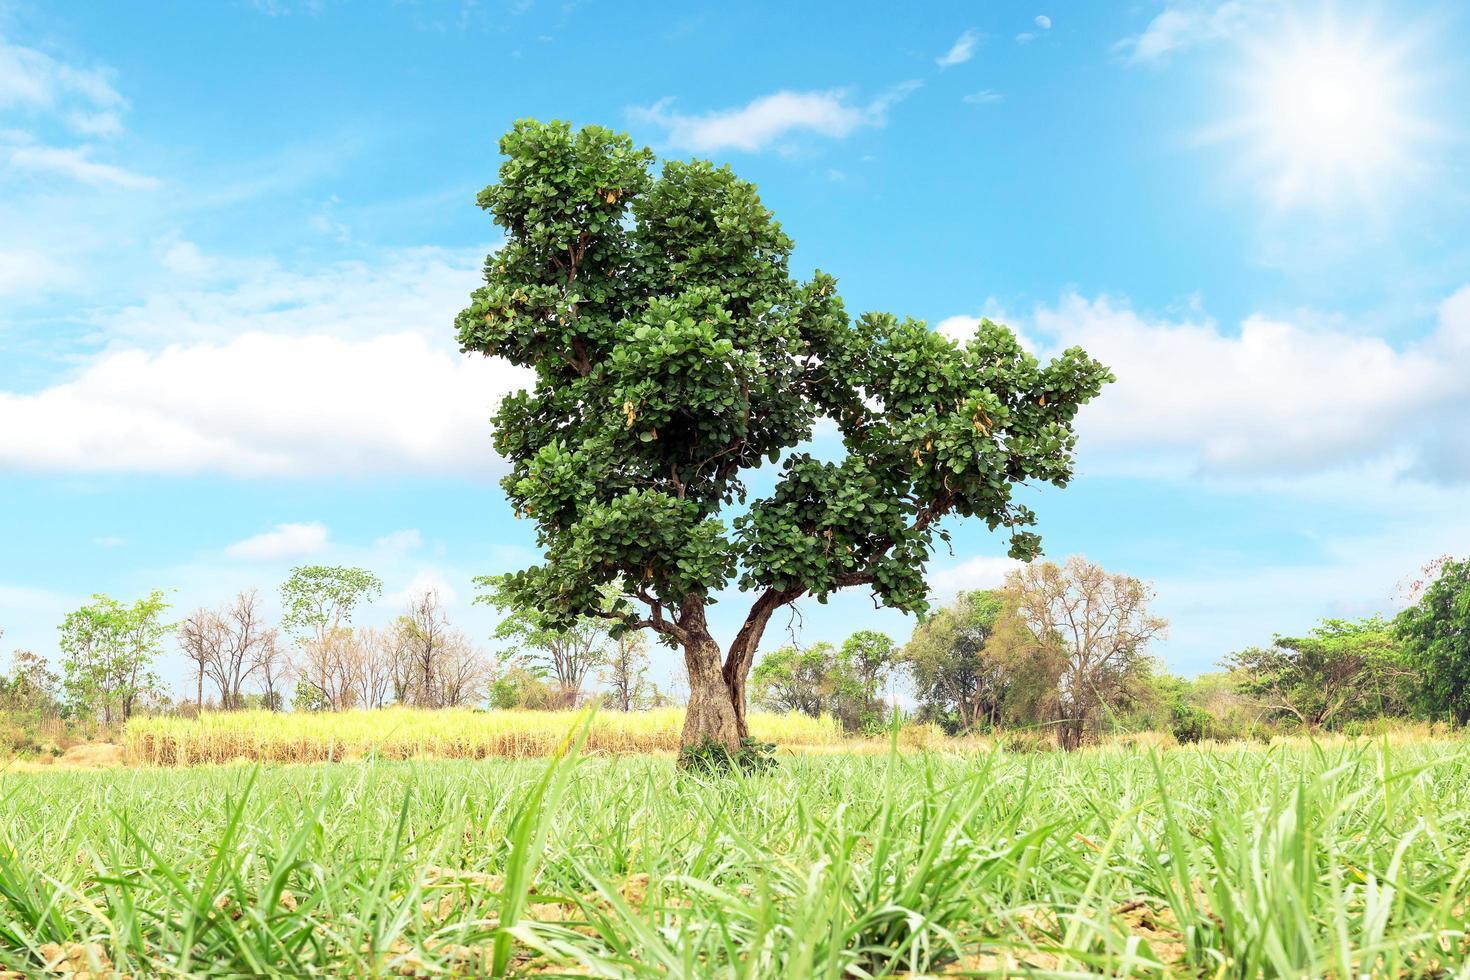 albero verde isolato su sfondo natura foto